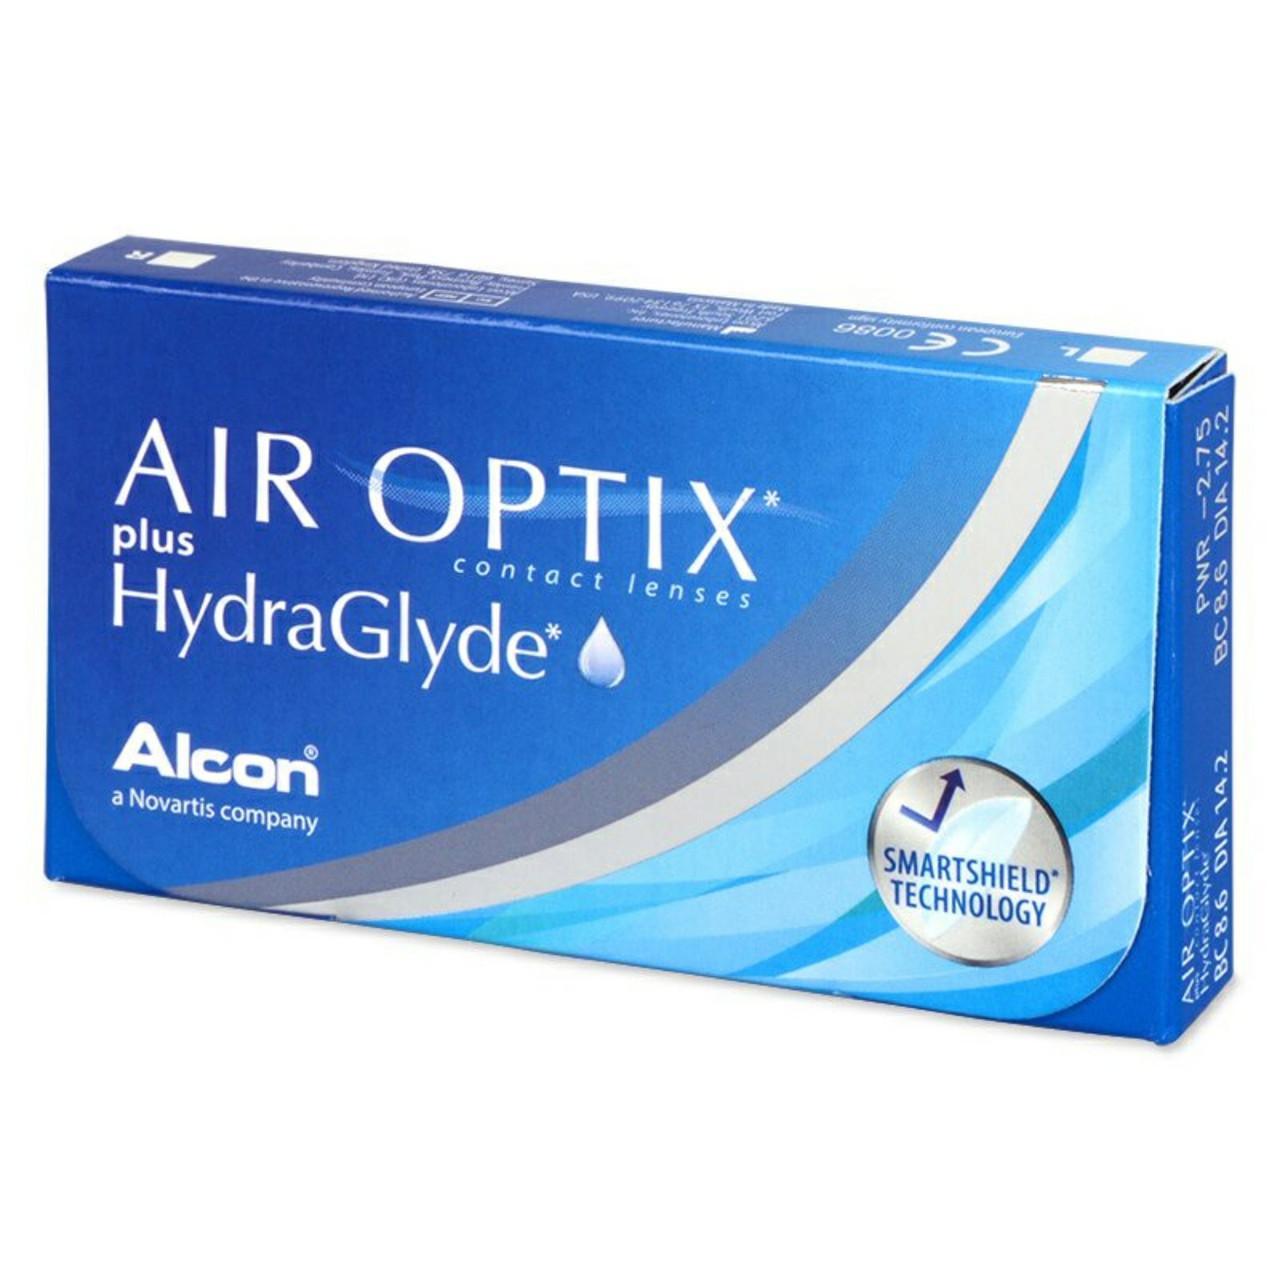 Контактные линзы +2,50 Air Optix plus HydraGlyde